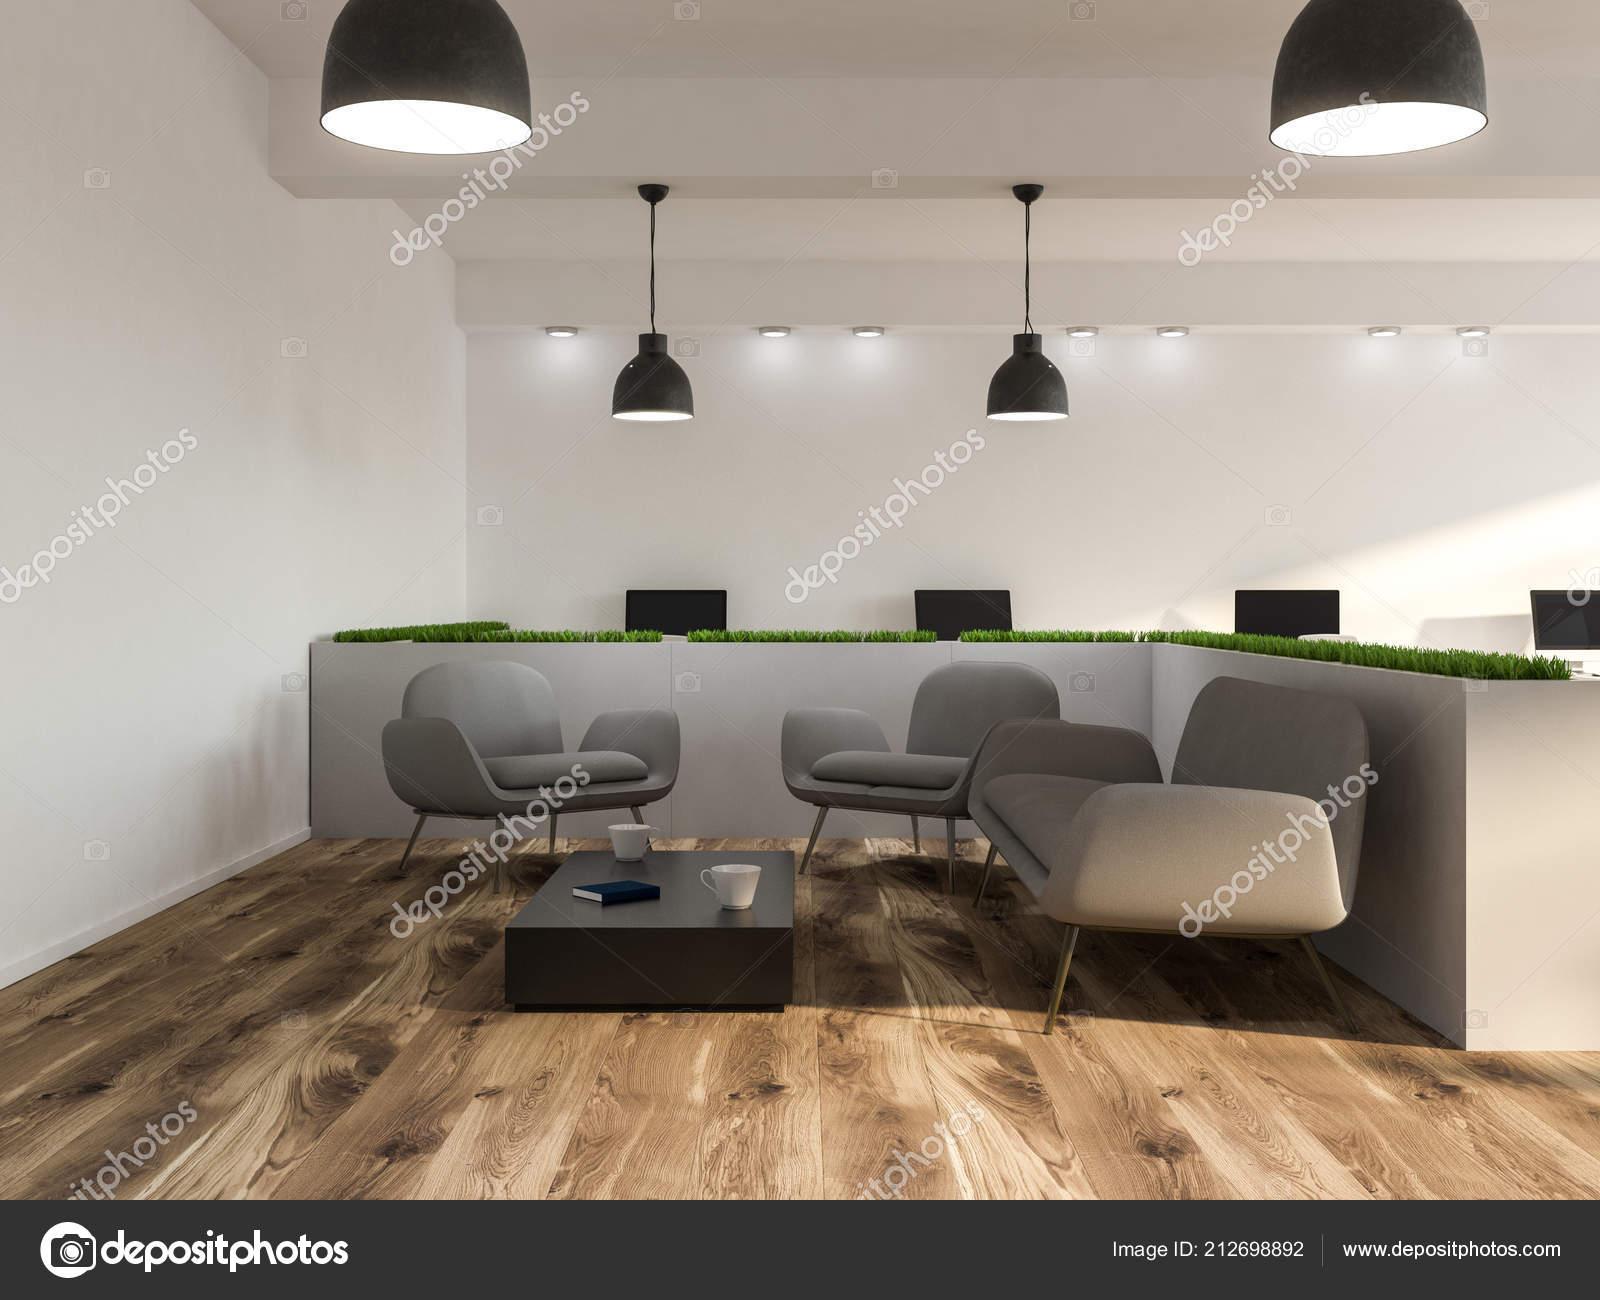 Fußboden Modern ~ Moderne büroeinrichtung wartezimmer mit weißen wänden einen